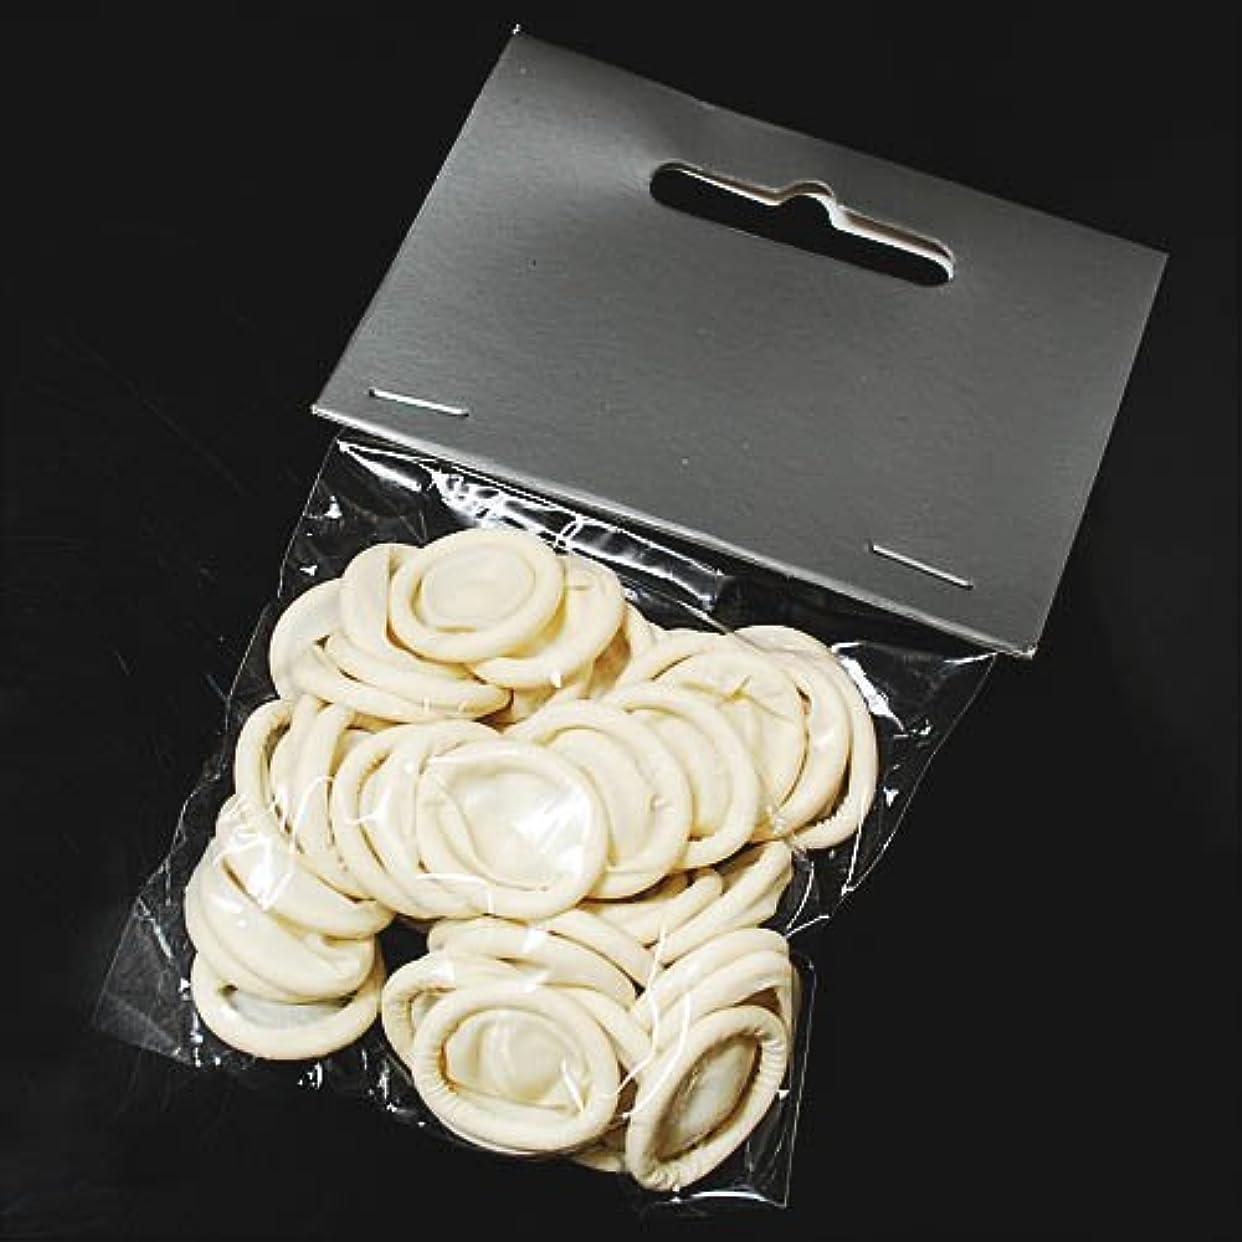 豆孤児元気ジェルネイル のオフに使える ジェルネイルオフカバー [50個] フィンガーキャップ